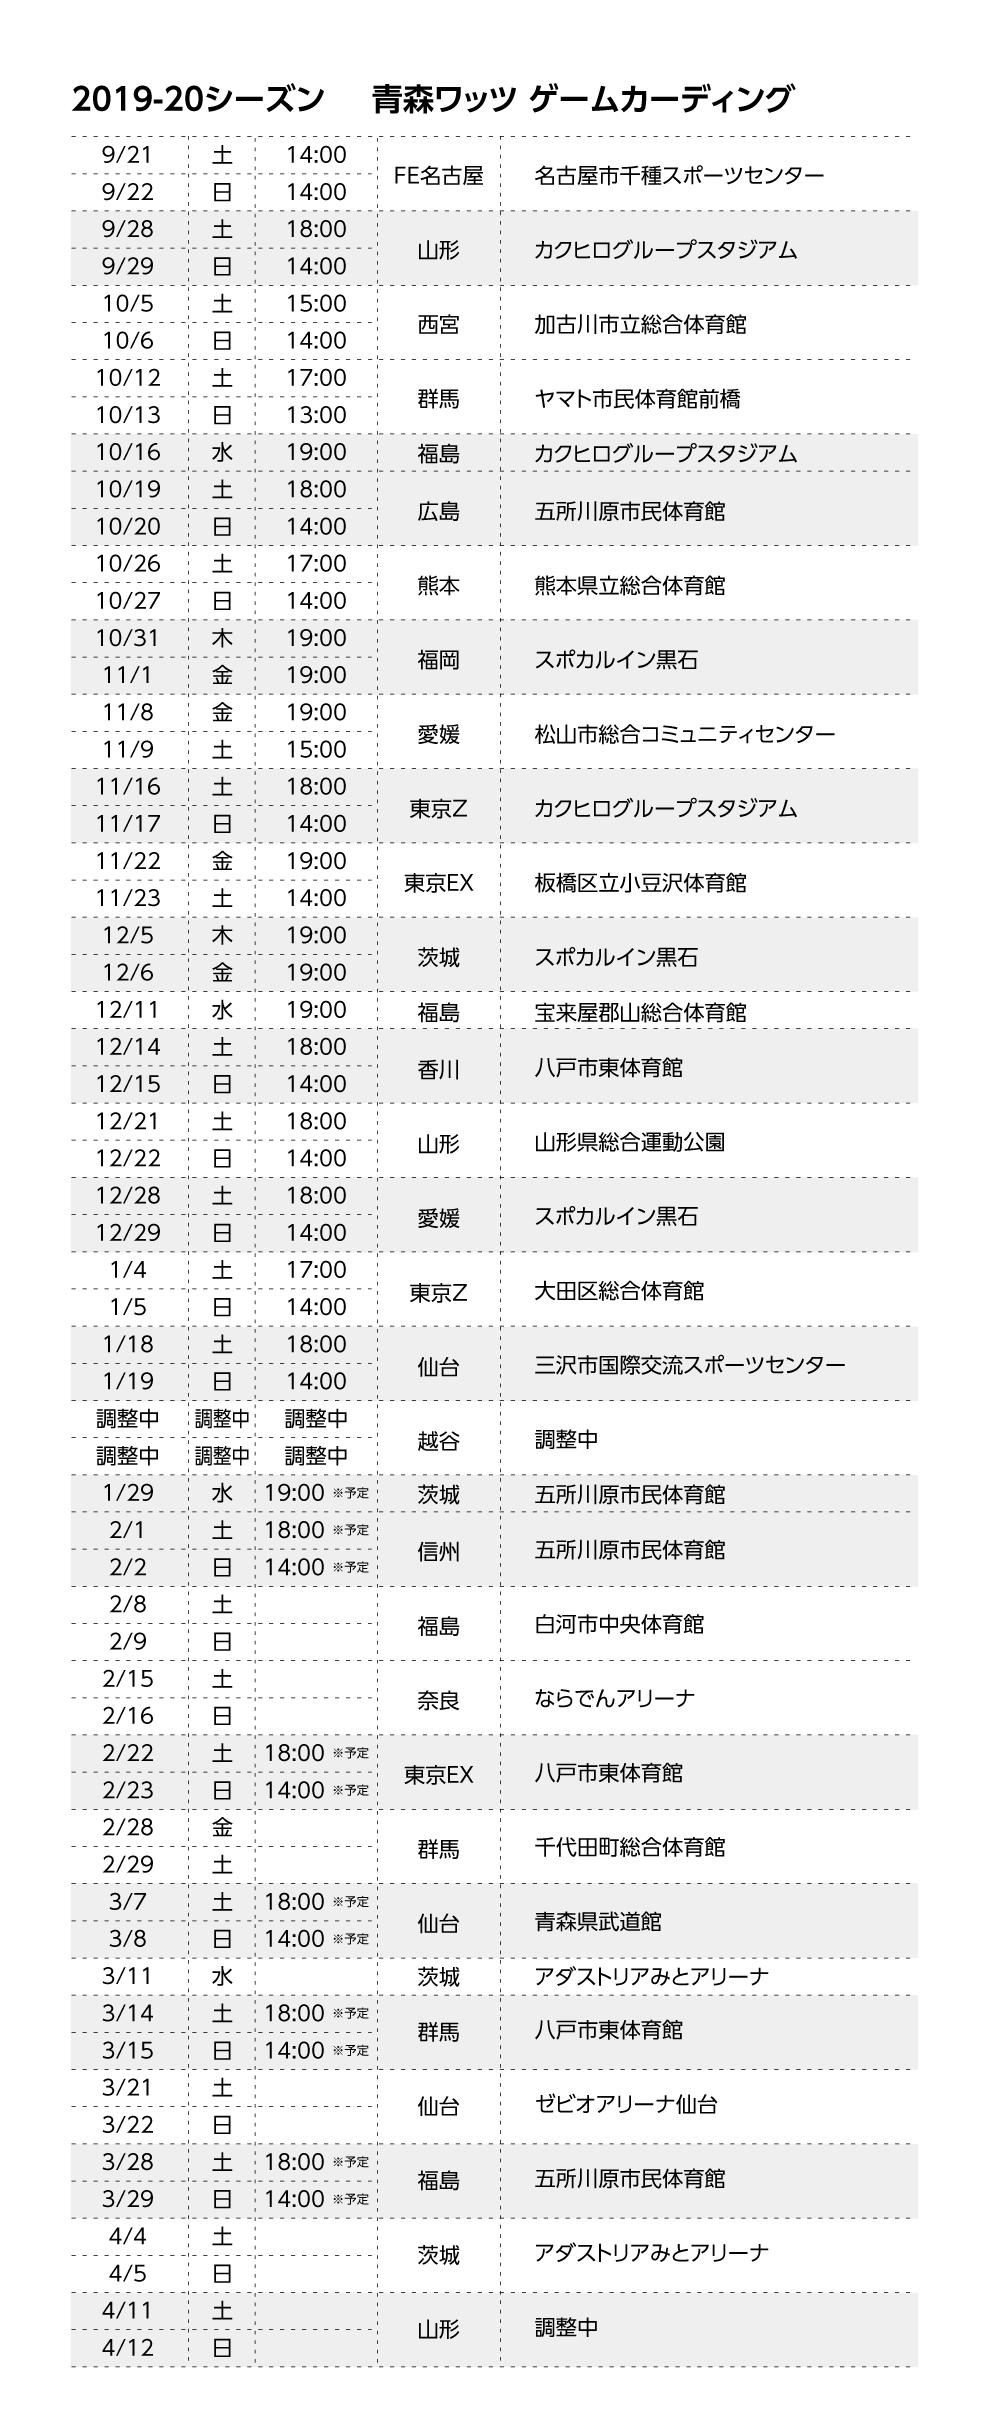 日程 b リーグ 【B1全18チーム】Bリーグの日程を一覧で見られるようにまとめてみた。